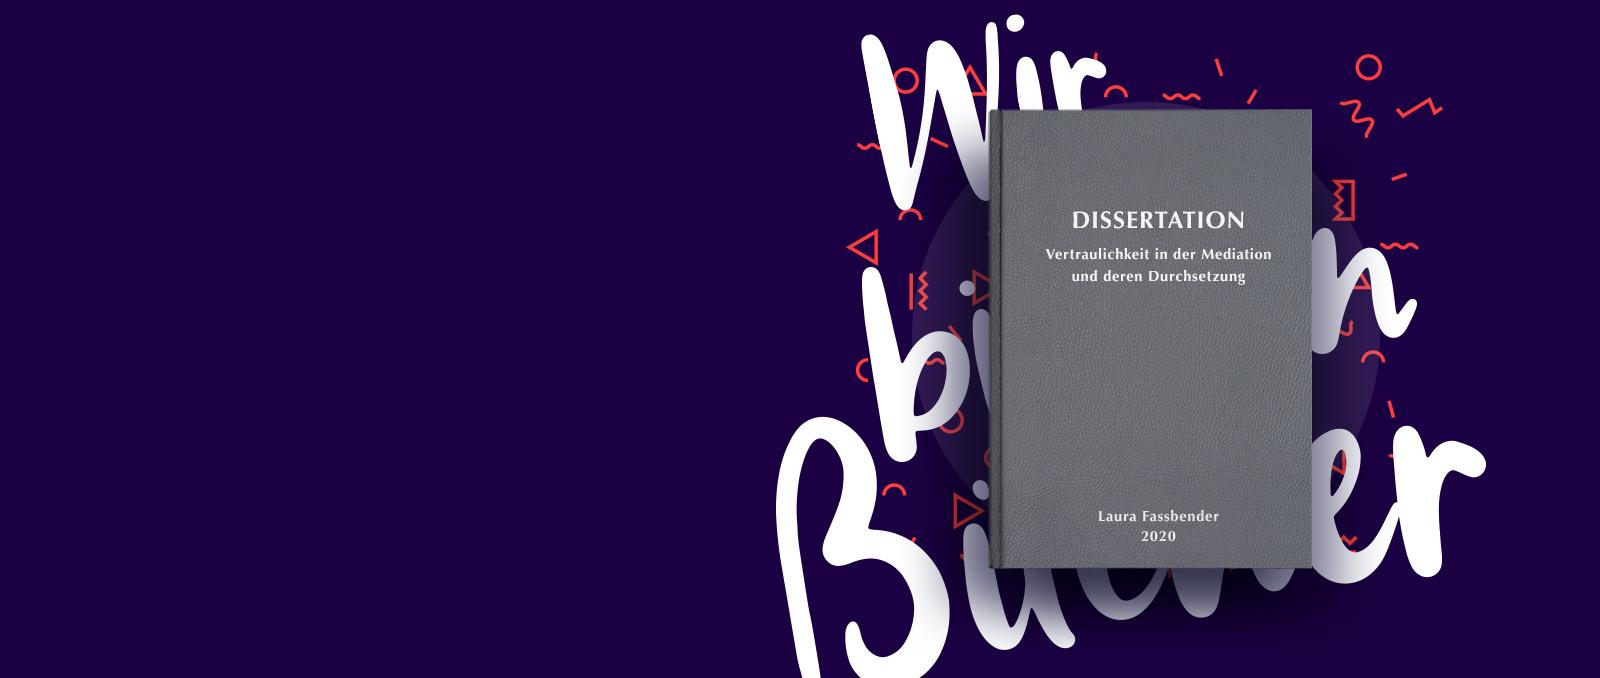 slider-dissertation-drucken-binden